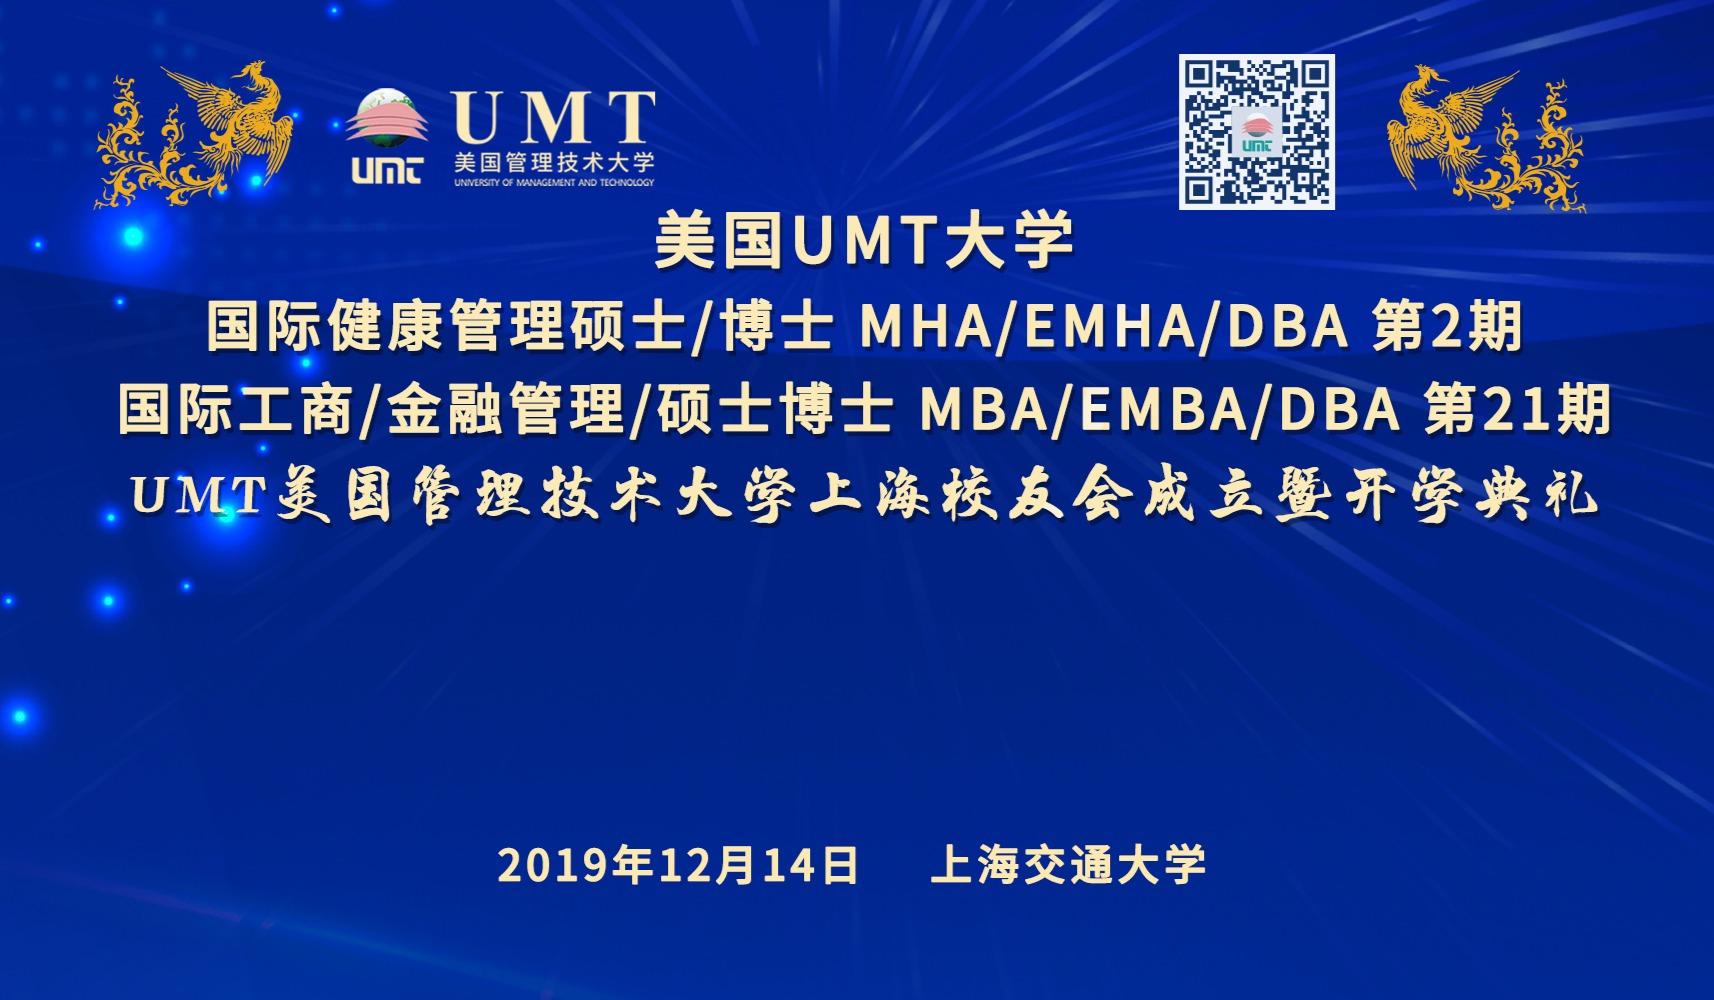 报名12月14日 交大UMT  MHA/EMHA/EMBA/DBA  开学典礼 暨 UMT校友会成立庆典